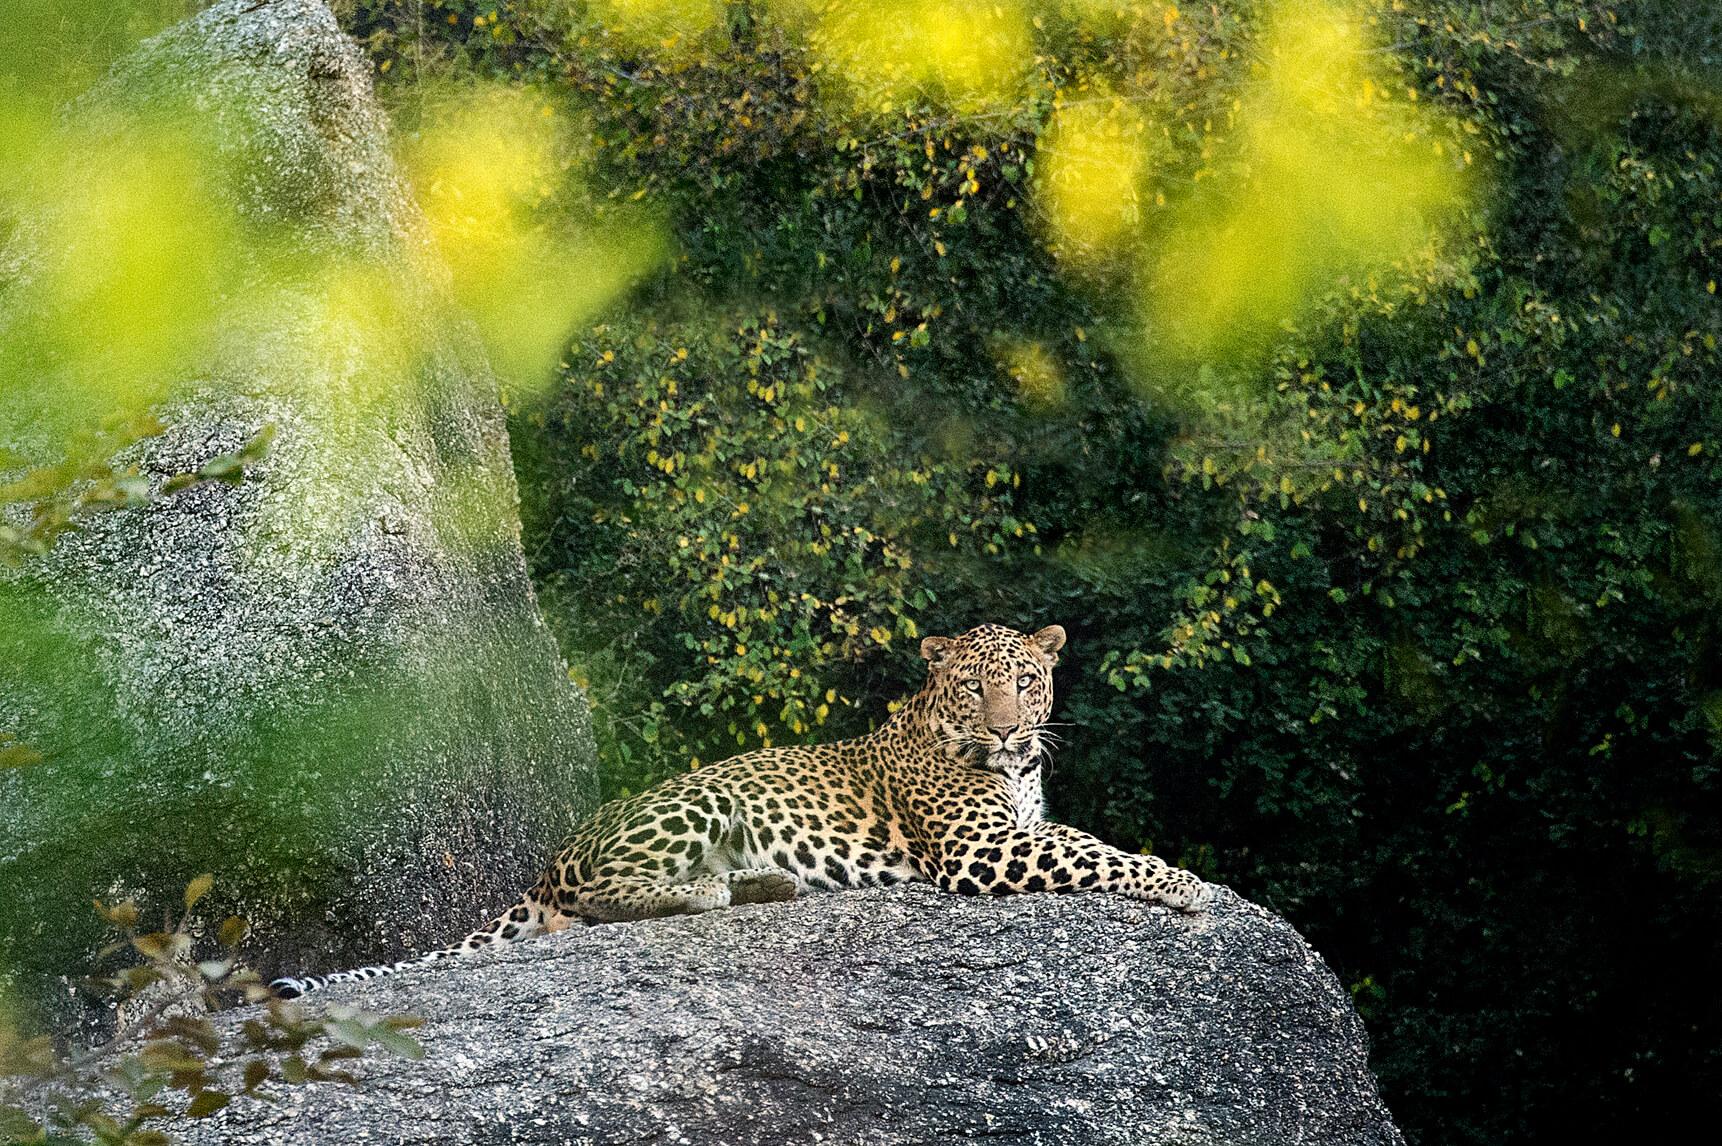 Leopards Lair